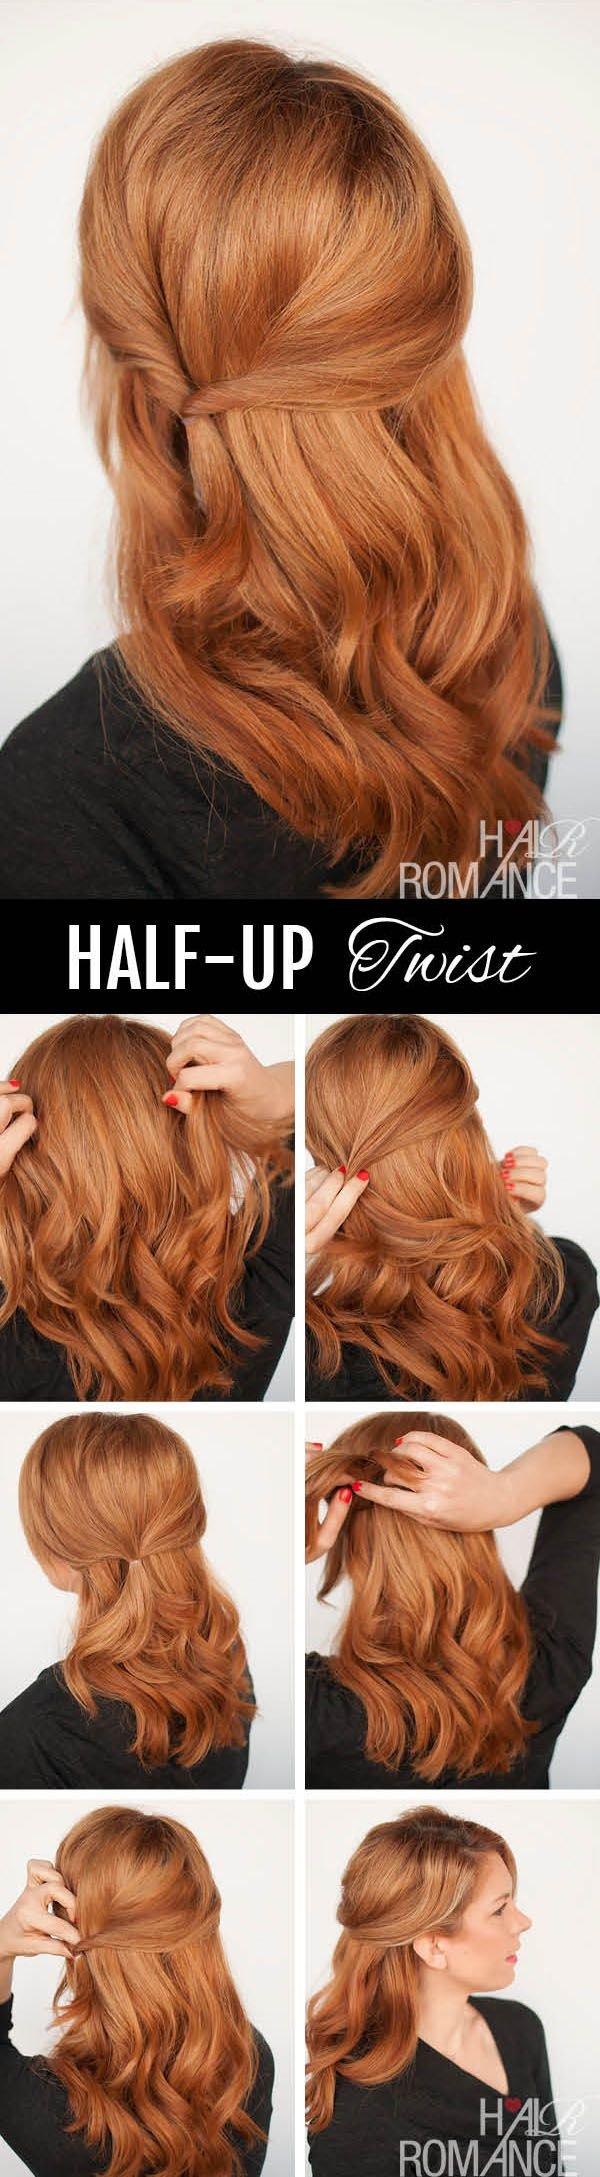 Regency Pacific,hair,brown,hairstyle,brown hair,